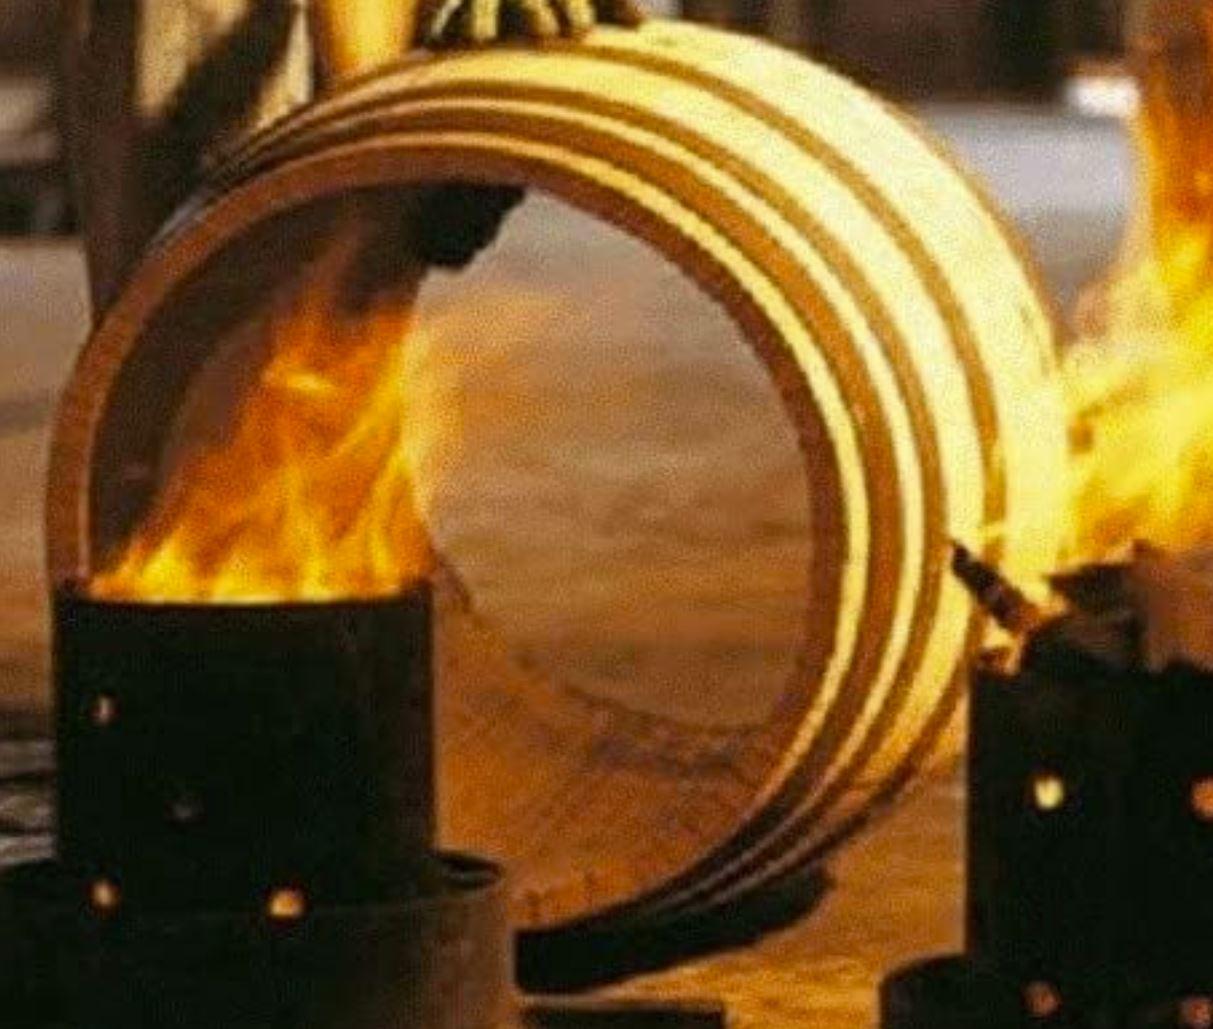 fire roasted barrel